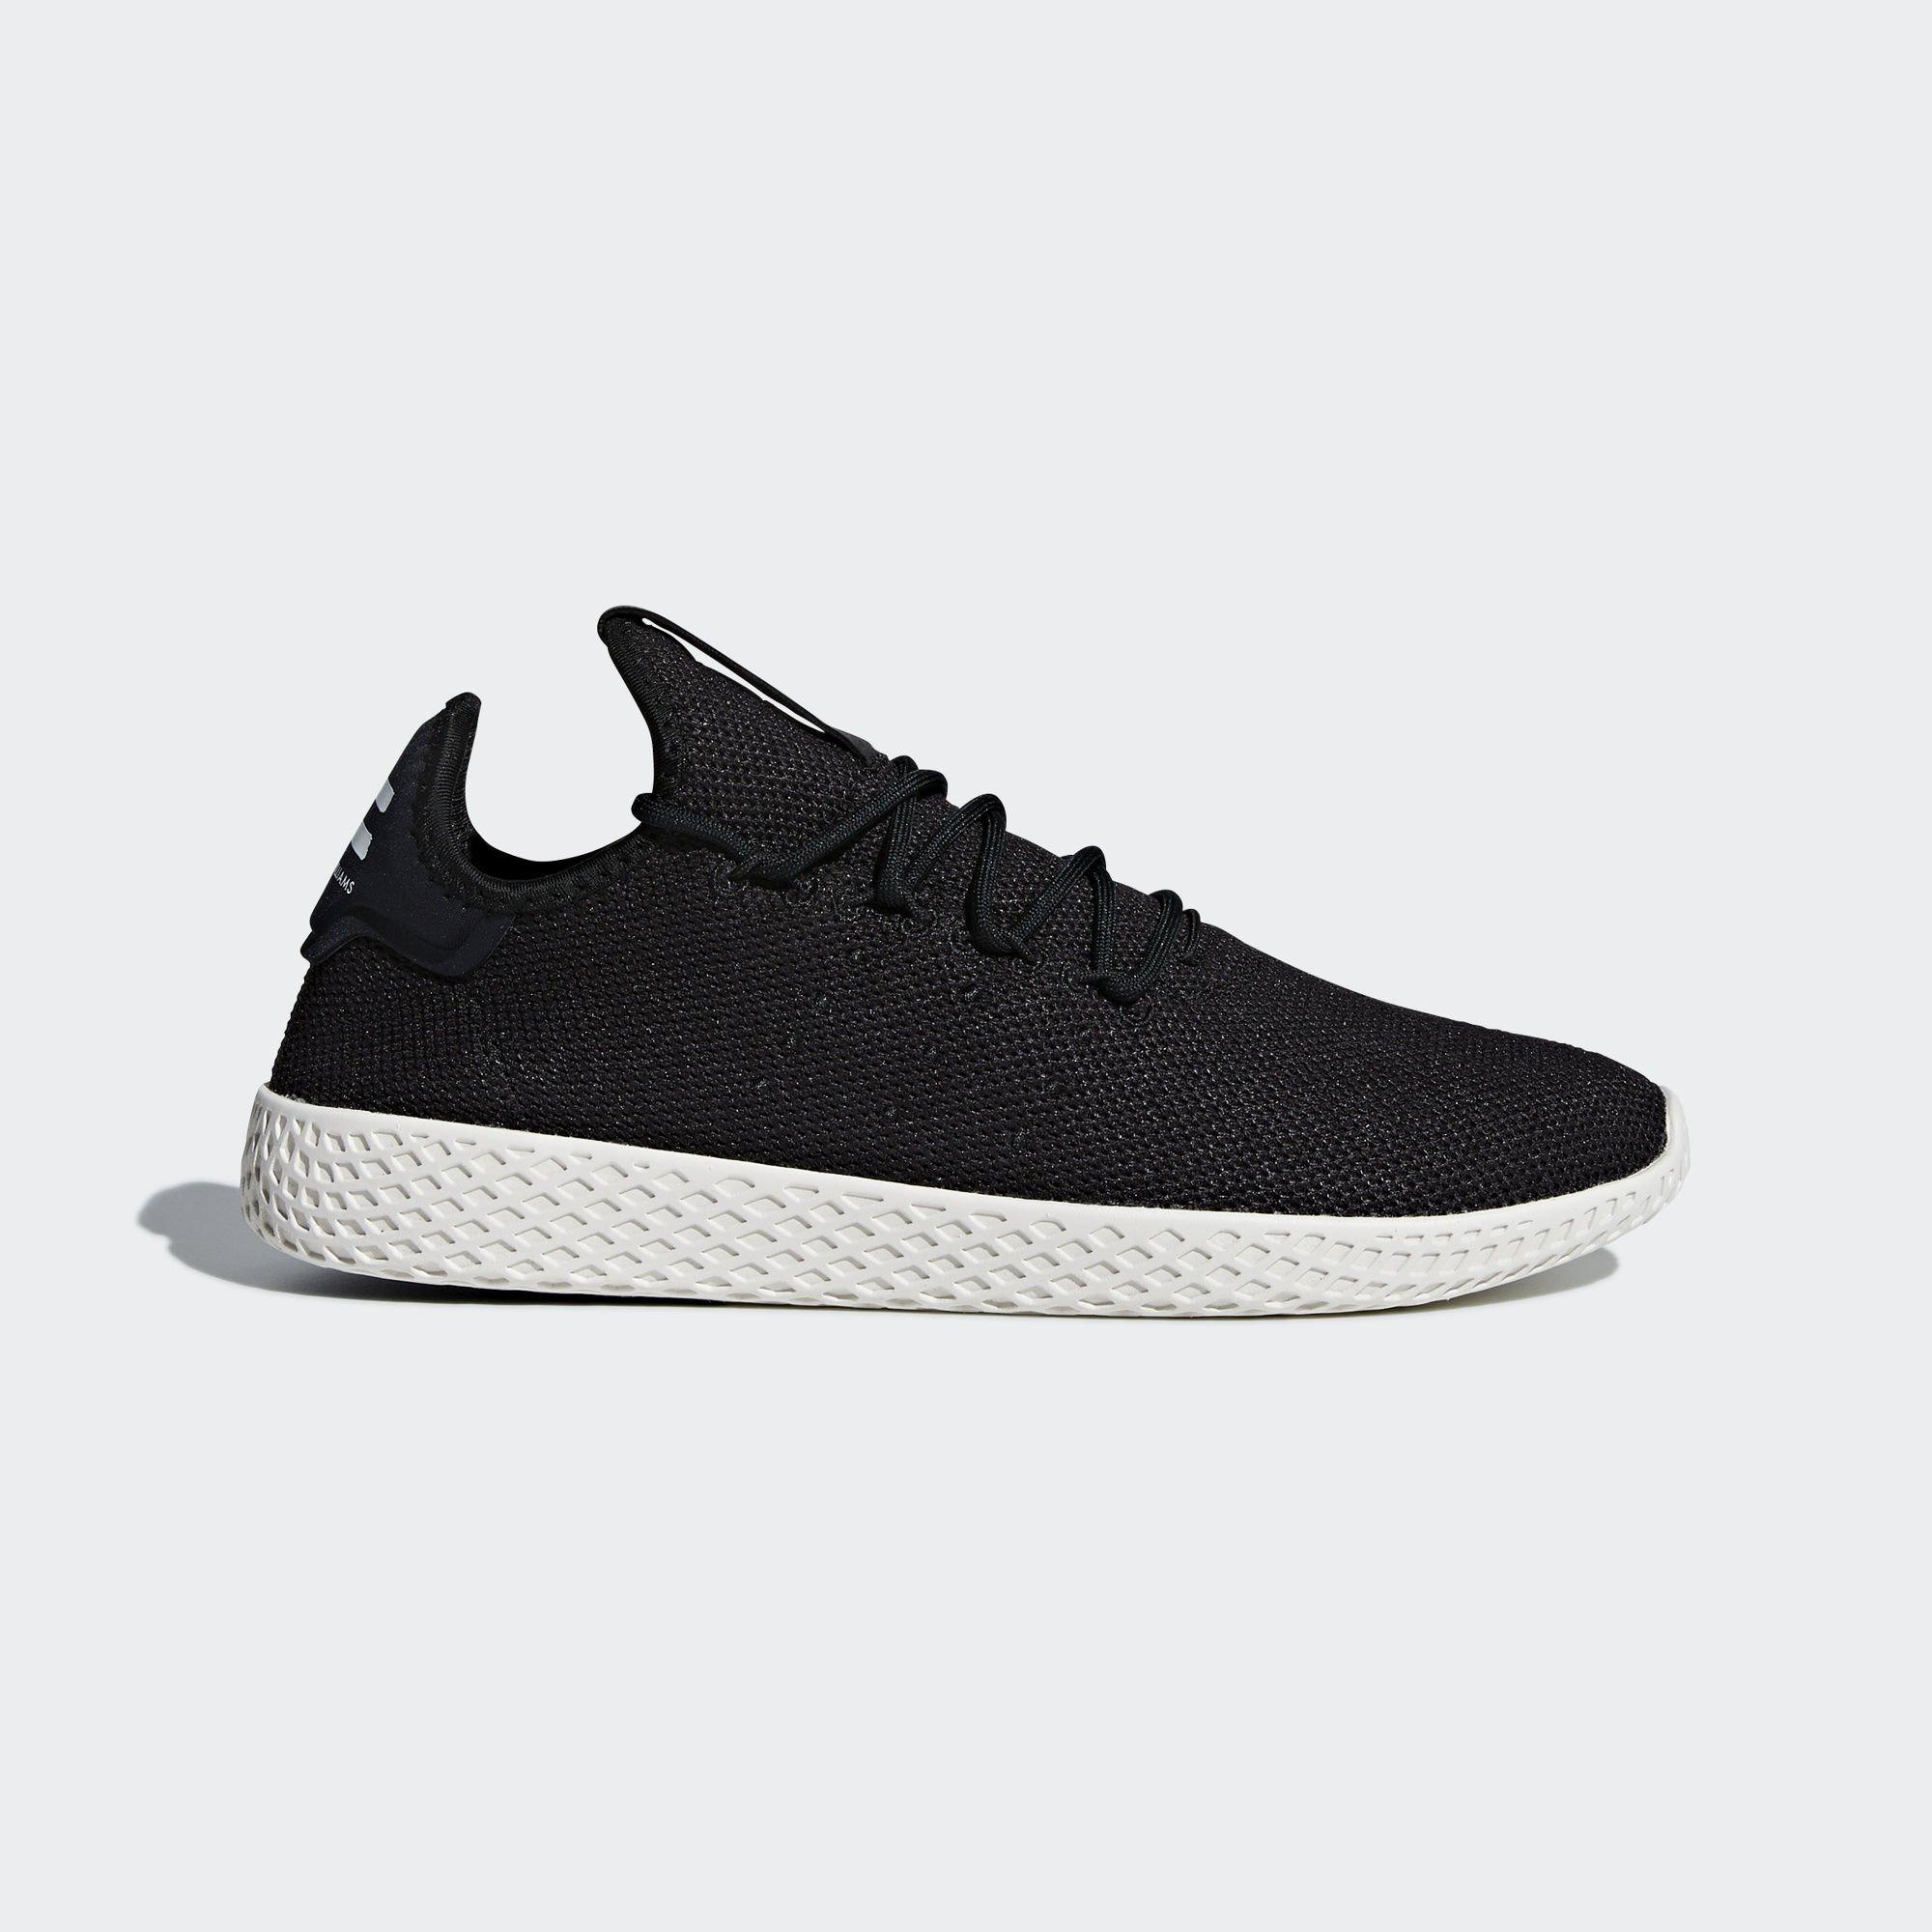 adidas Pharrell Williams Tennis Hu 'Black'  (AQ1056)